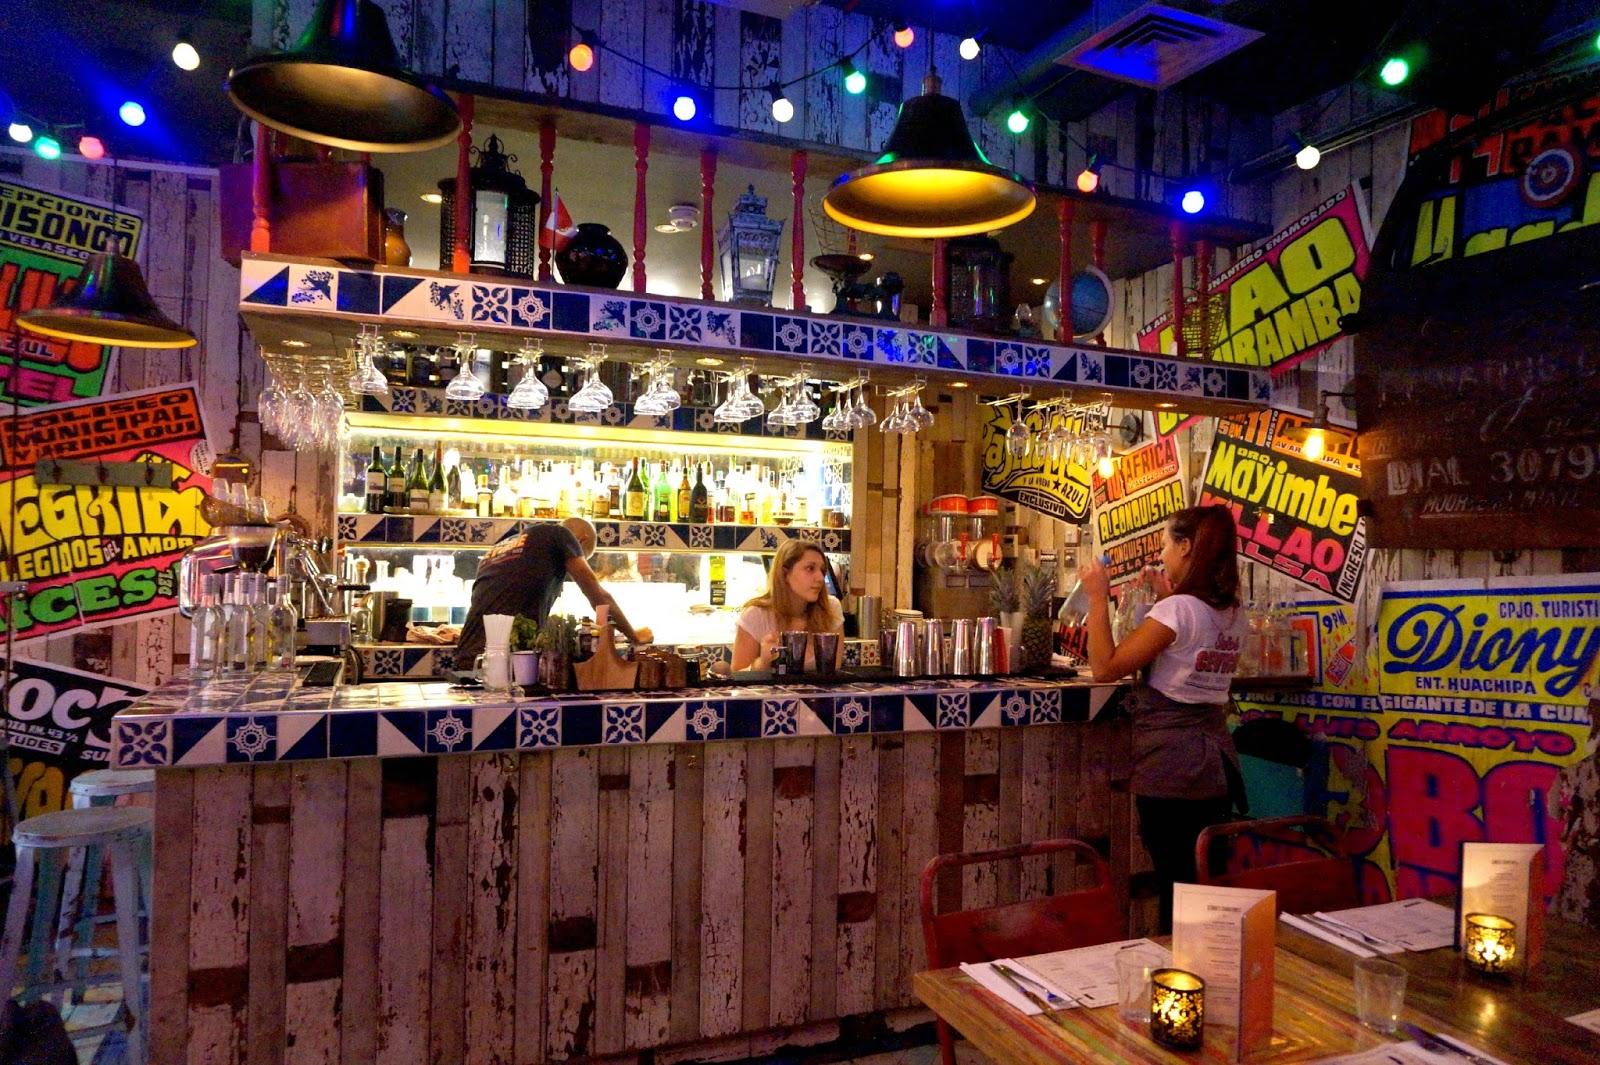 Bar inside restaurant